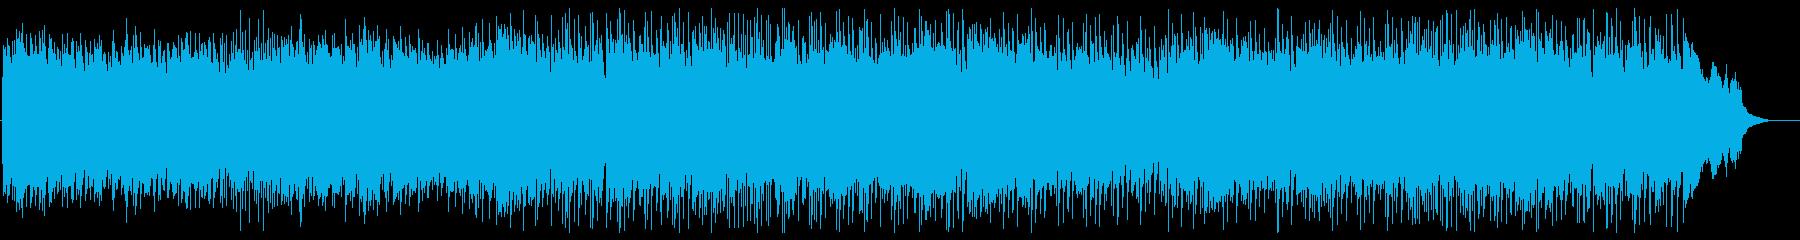 お洒落でゆったりできるメロディーの再生済みの波形